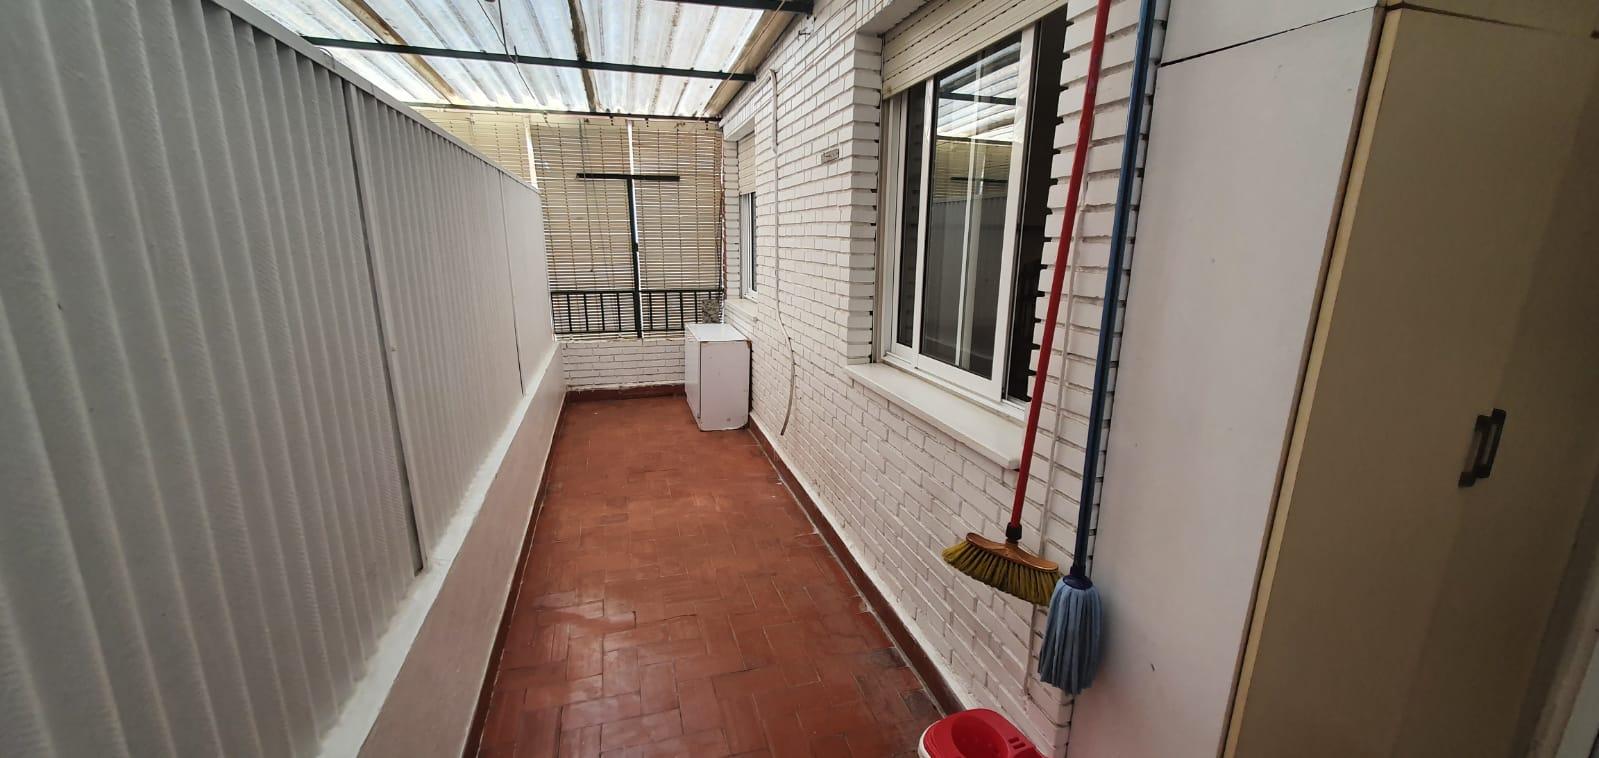 kf943684: Apartment for sale in Alcantarilla